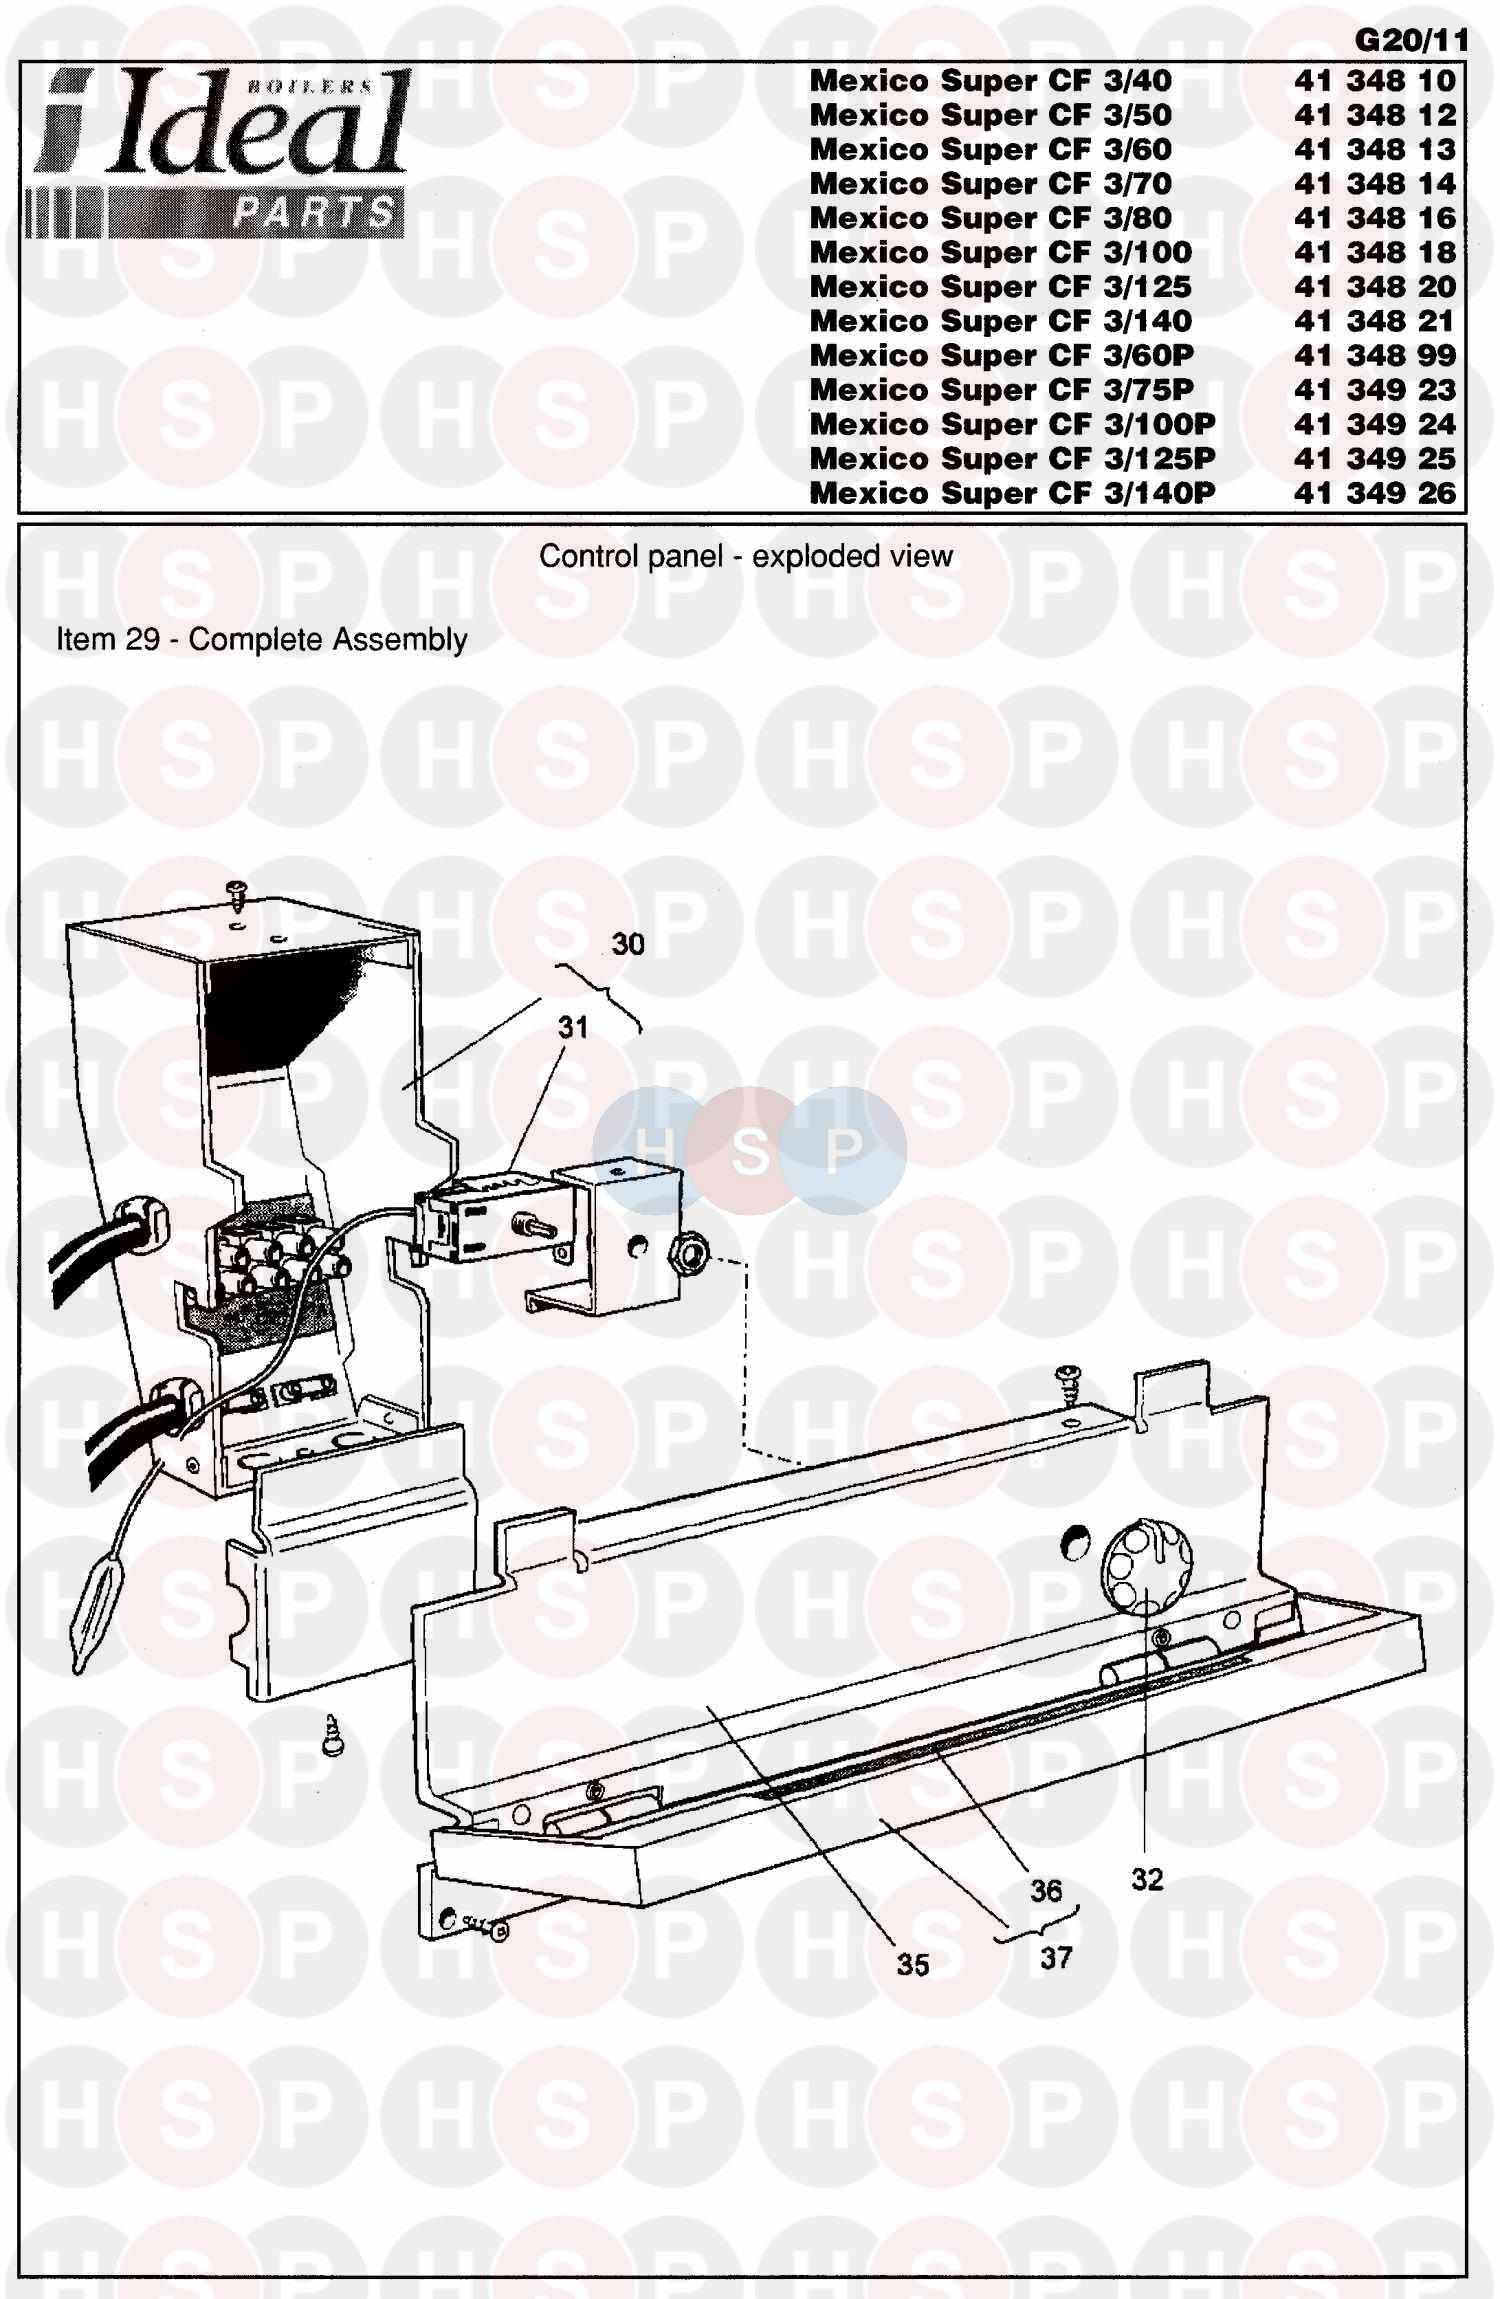 Boiler manuals: ideal mexico range.